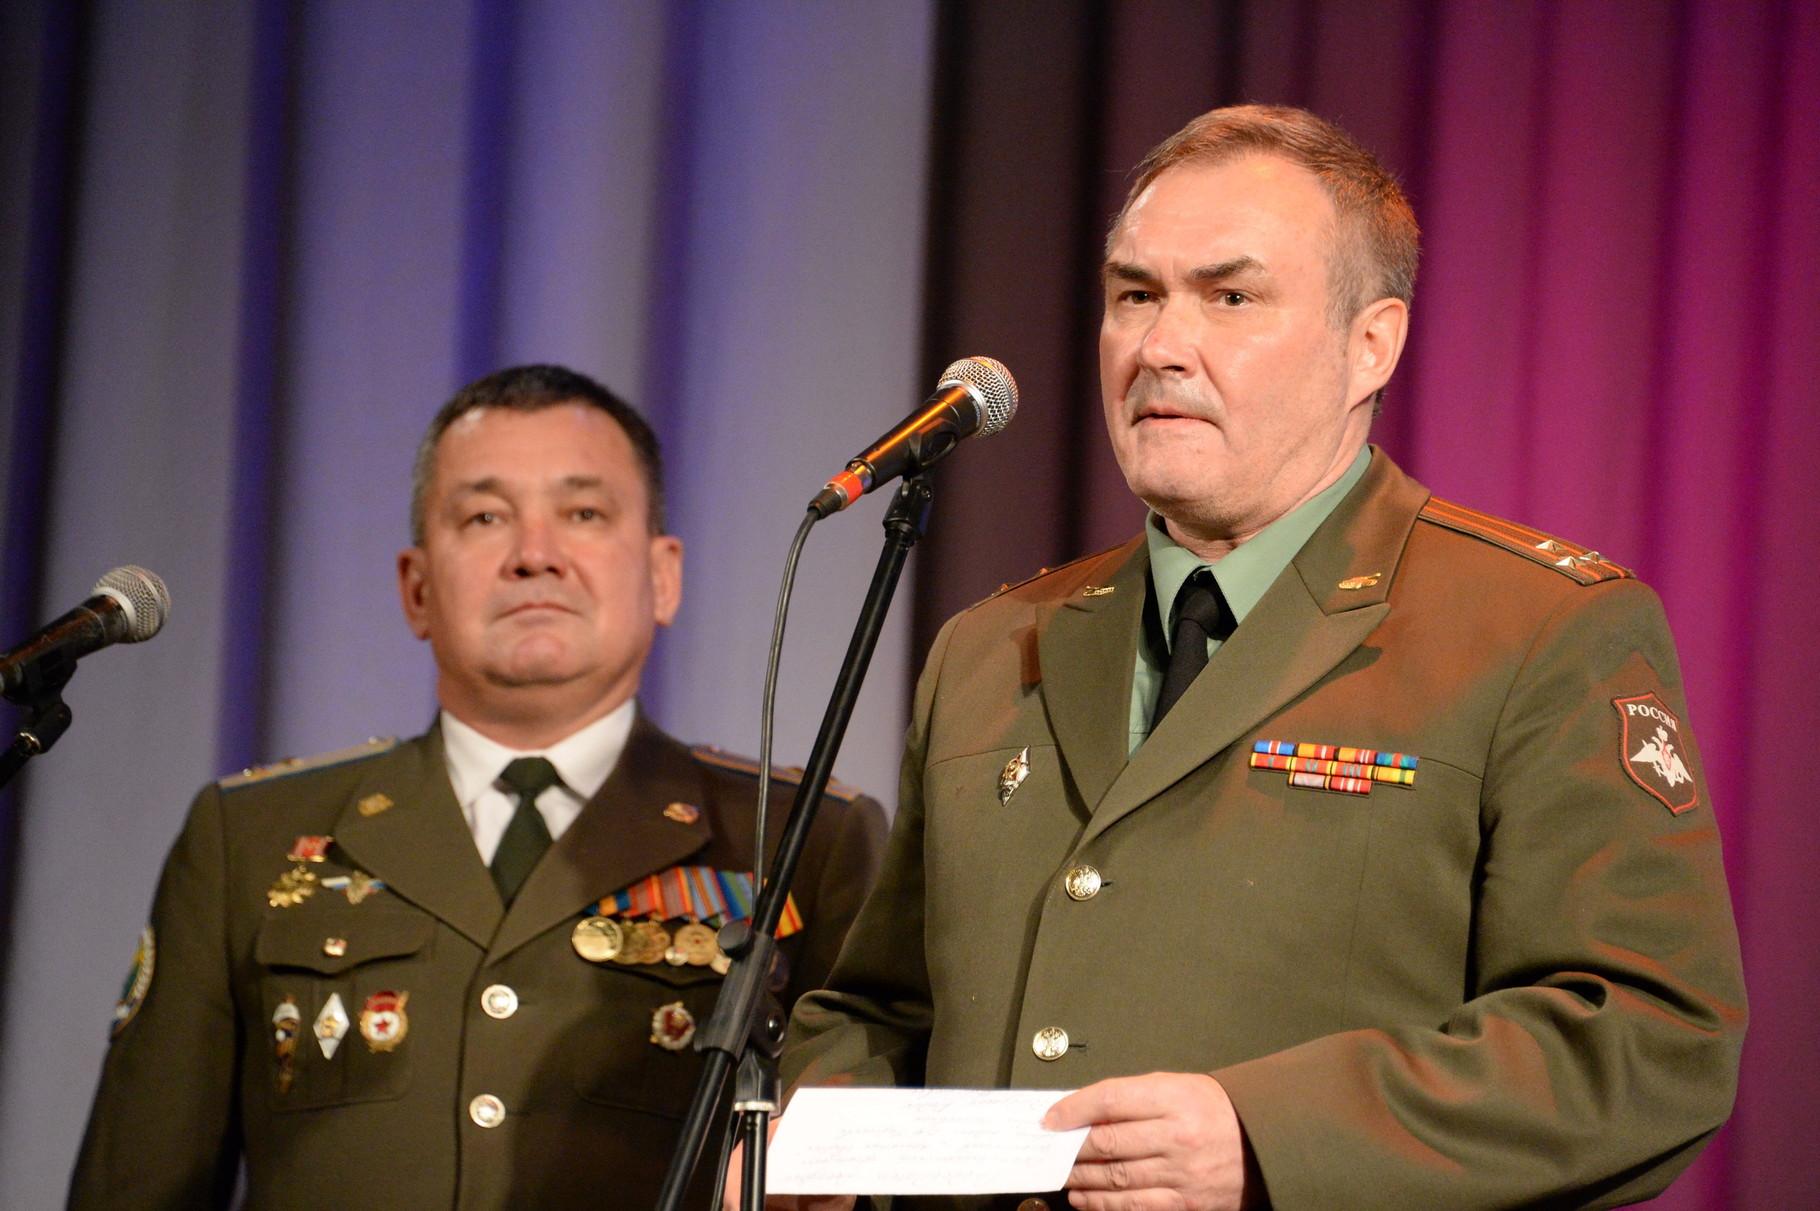 Вручение награды участнику Приштинского броска. Фото Павла Герасимова